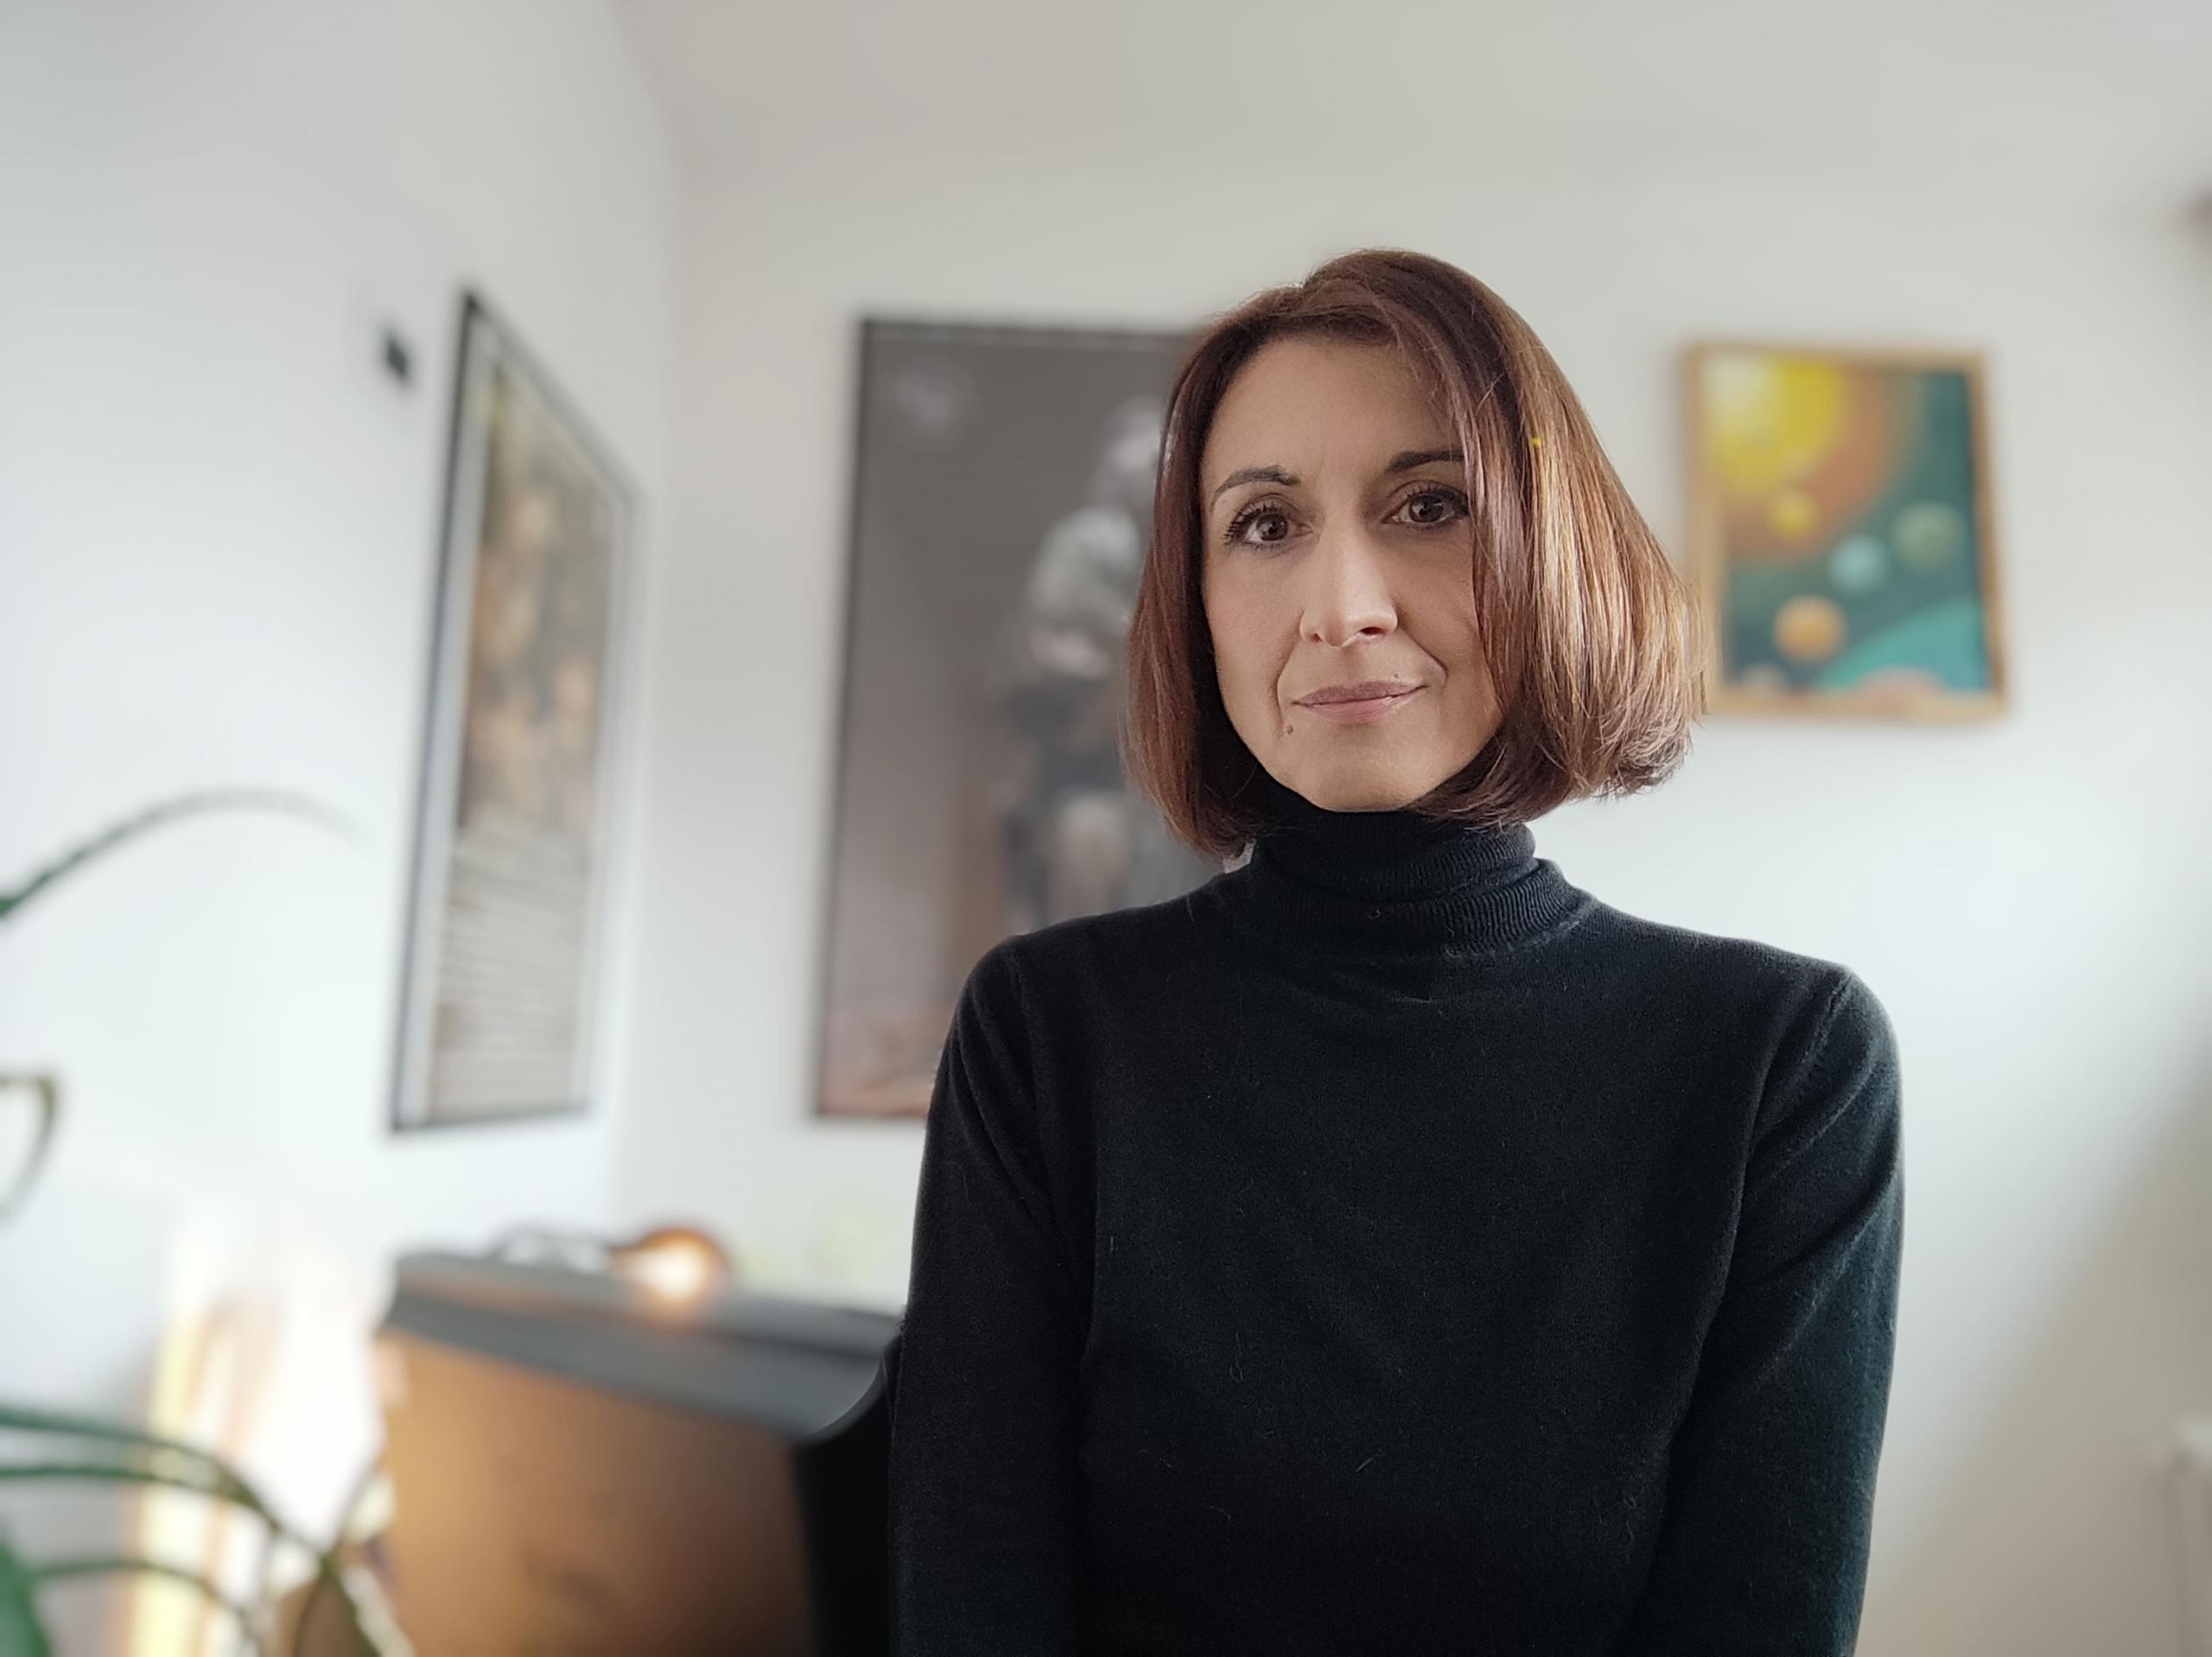 Daniela De Prato